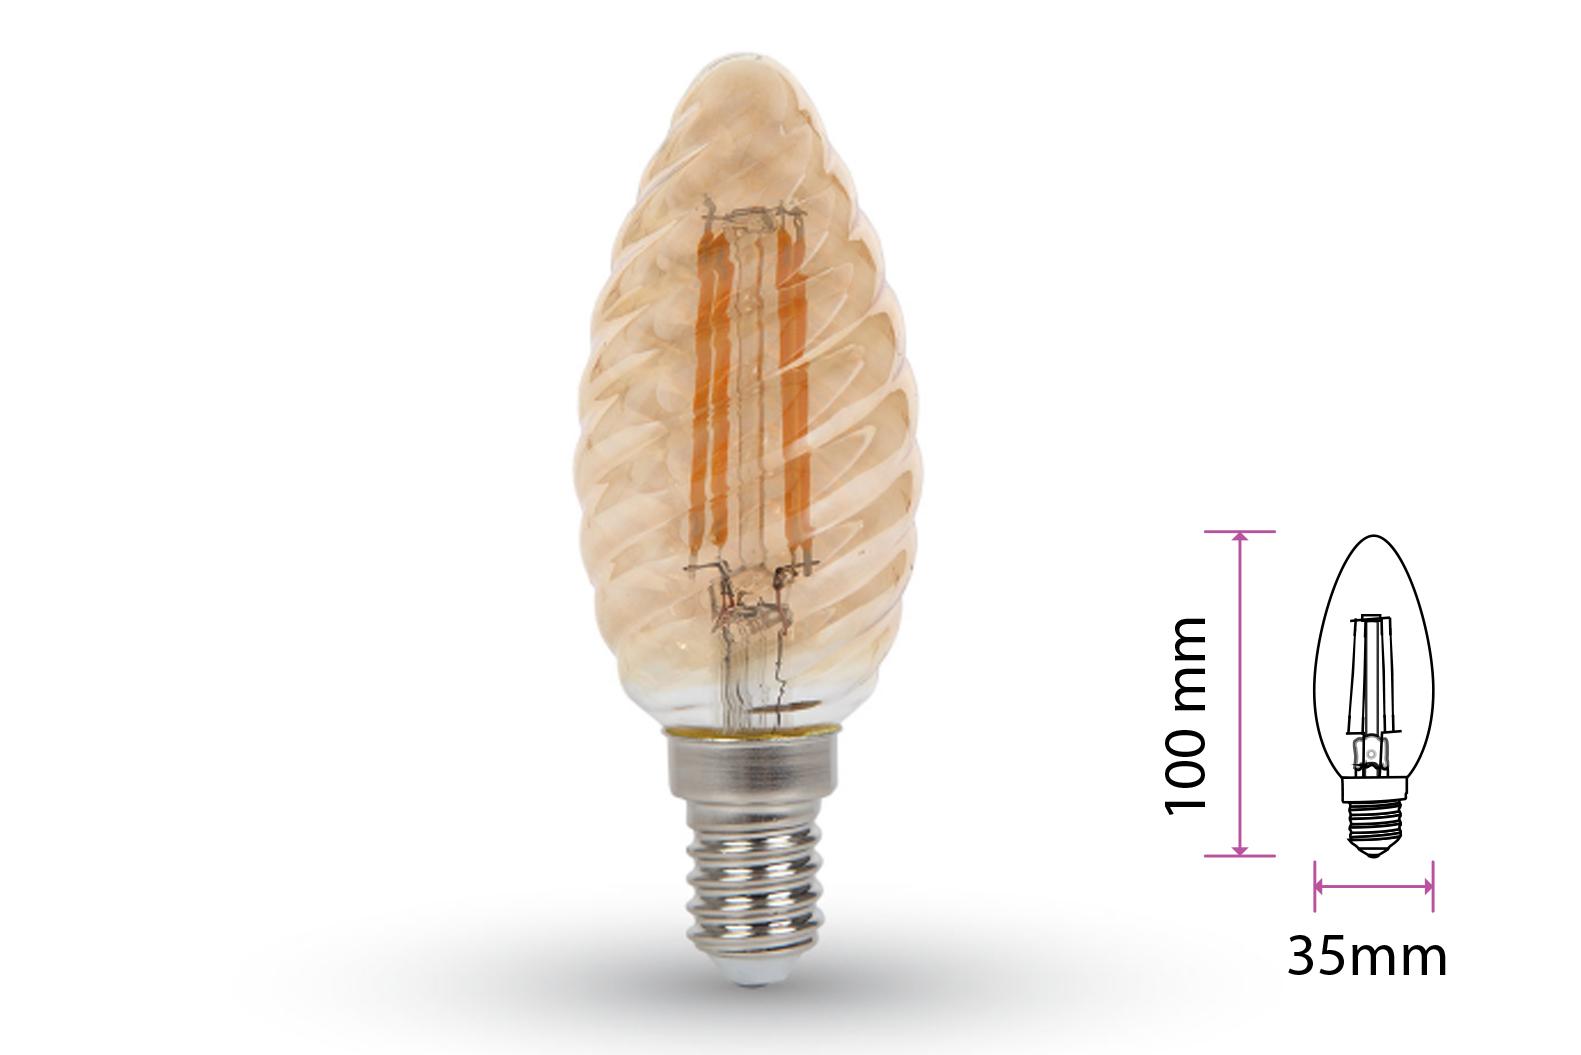 Lampada Filo Led a Filamento E14 C35 4W=35W Bianco Caldo 2200K Amber Copertura Vortici Cover Twist SKU-7115 - PZ